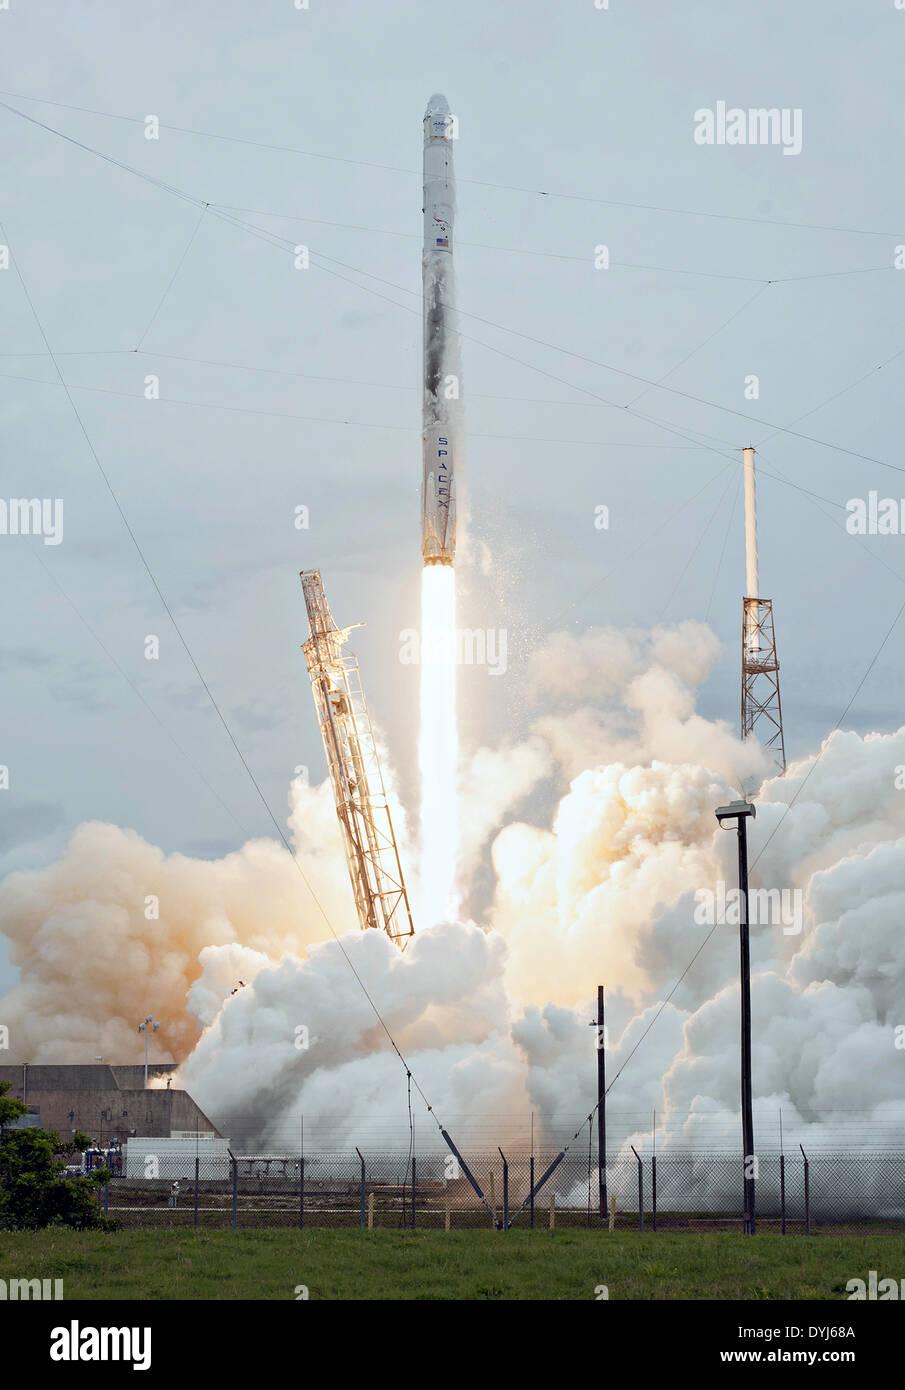 El cohete SpaceX Falcon 9 blastos en un cielo nublado levantando la cápsula Dragon a la Estación Espacial Internacional Foto de stock